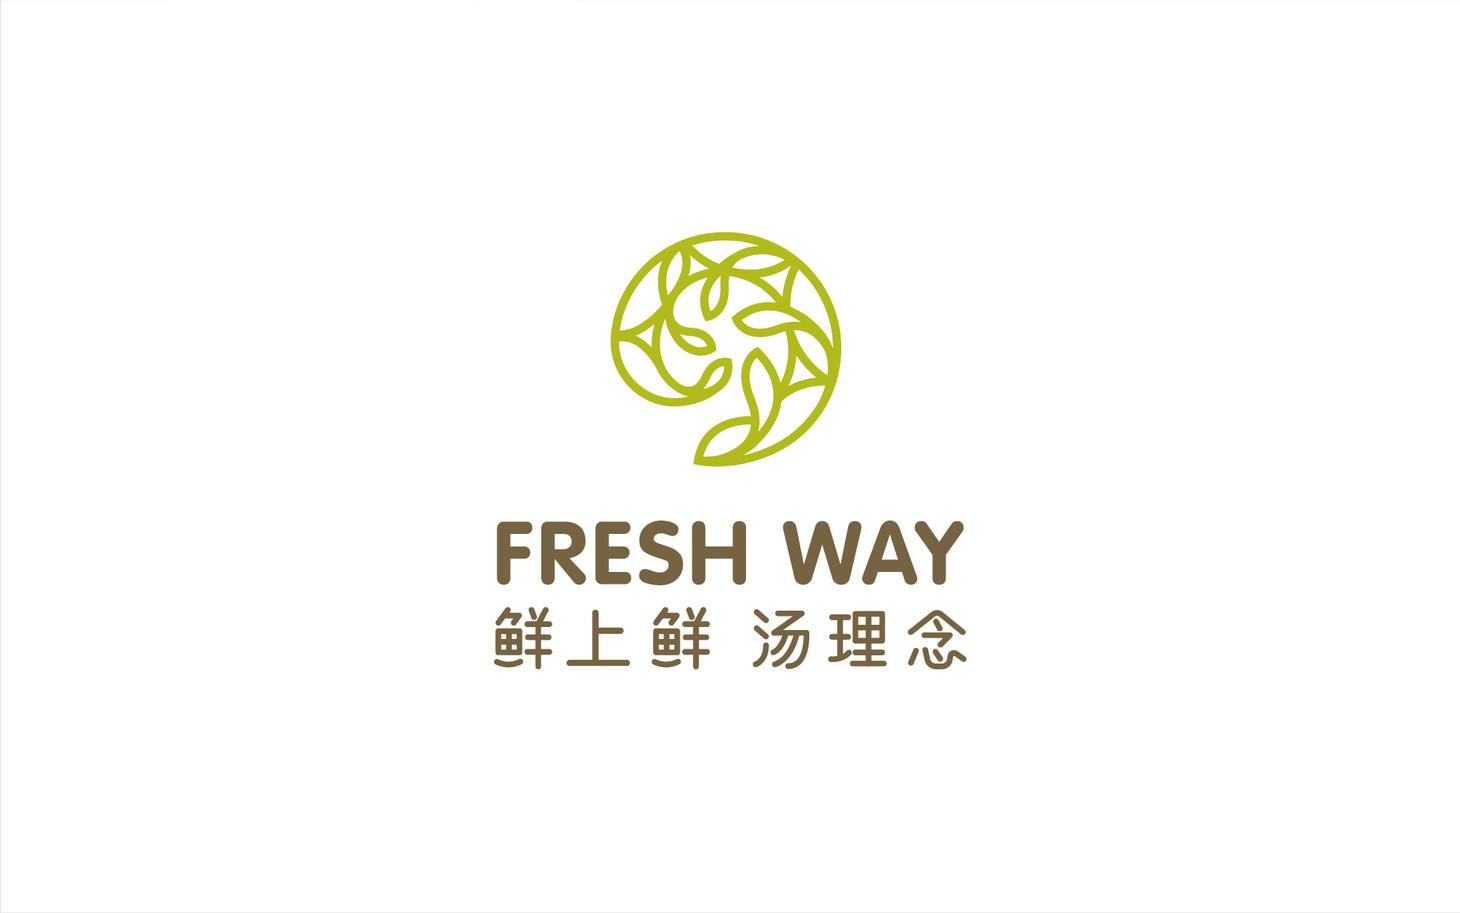 FreshWay_Logo_01.jpg